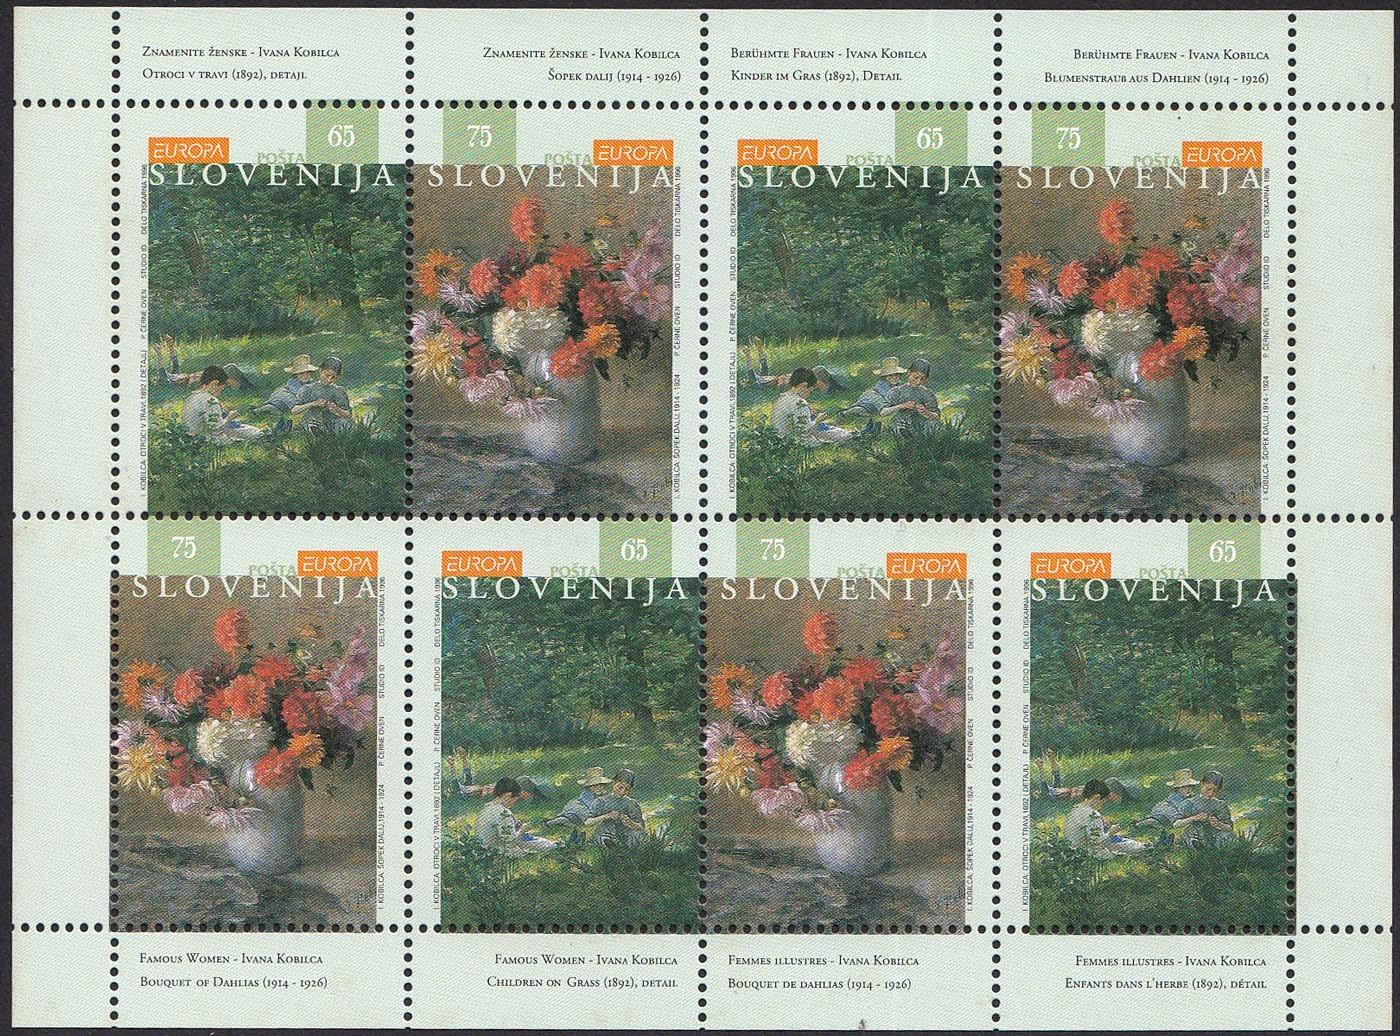 斯洛文尼亚风景、人物小版张邮票1枚新  外国邮票收藏 价格:42.00